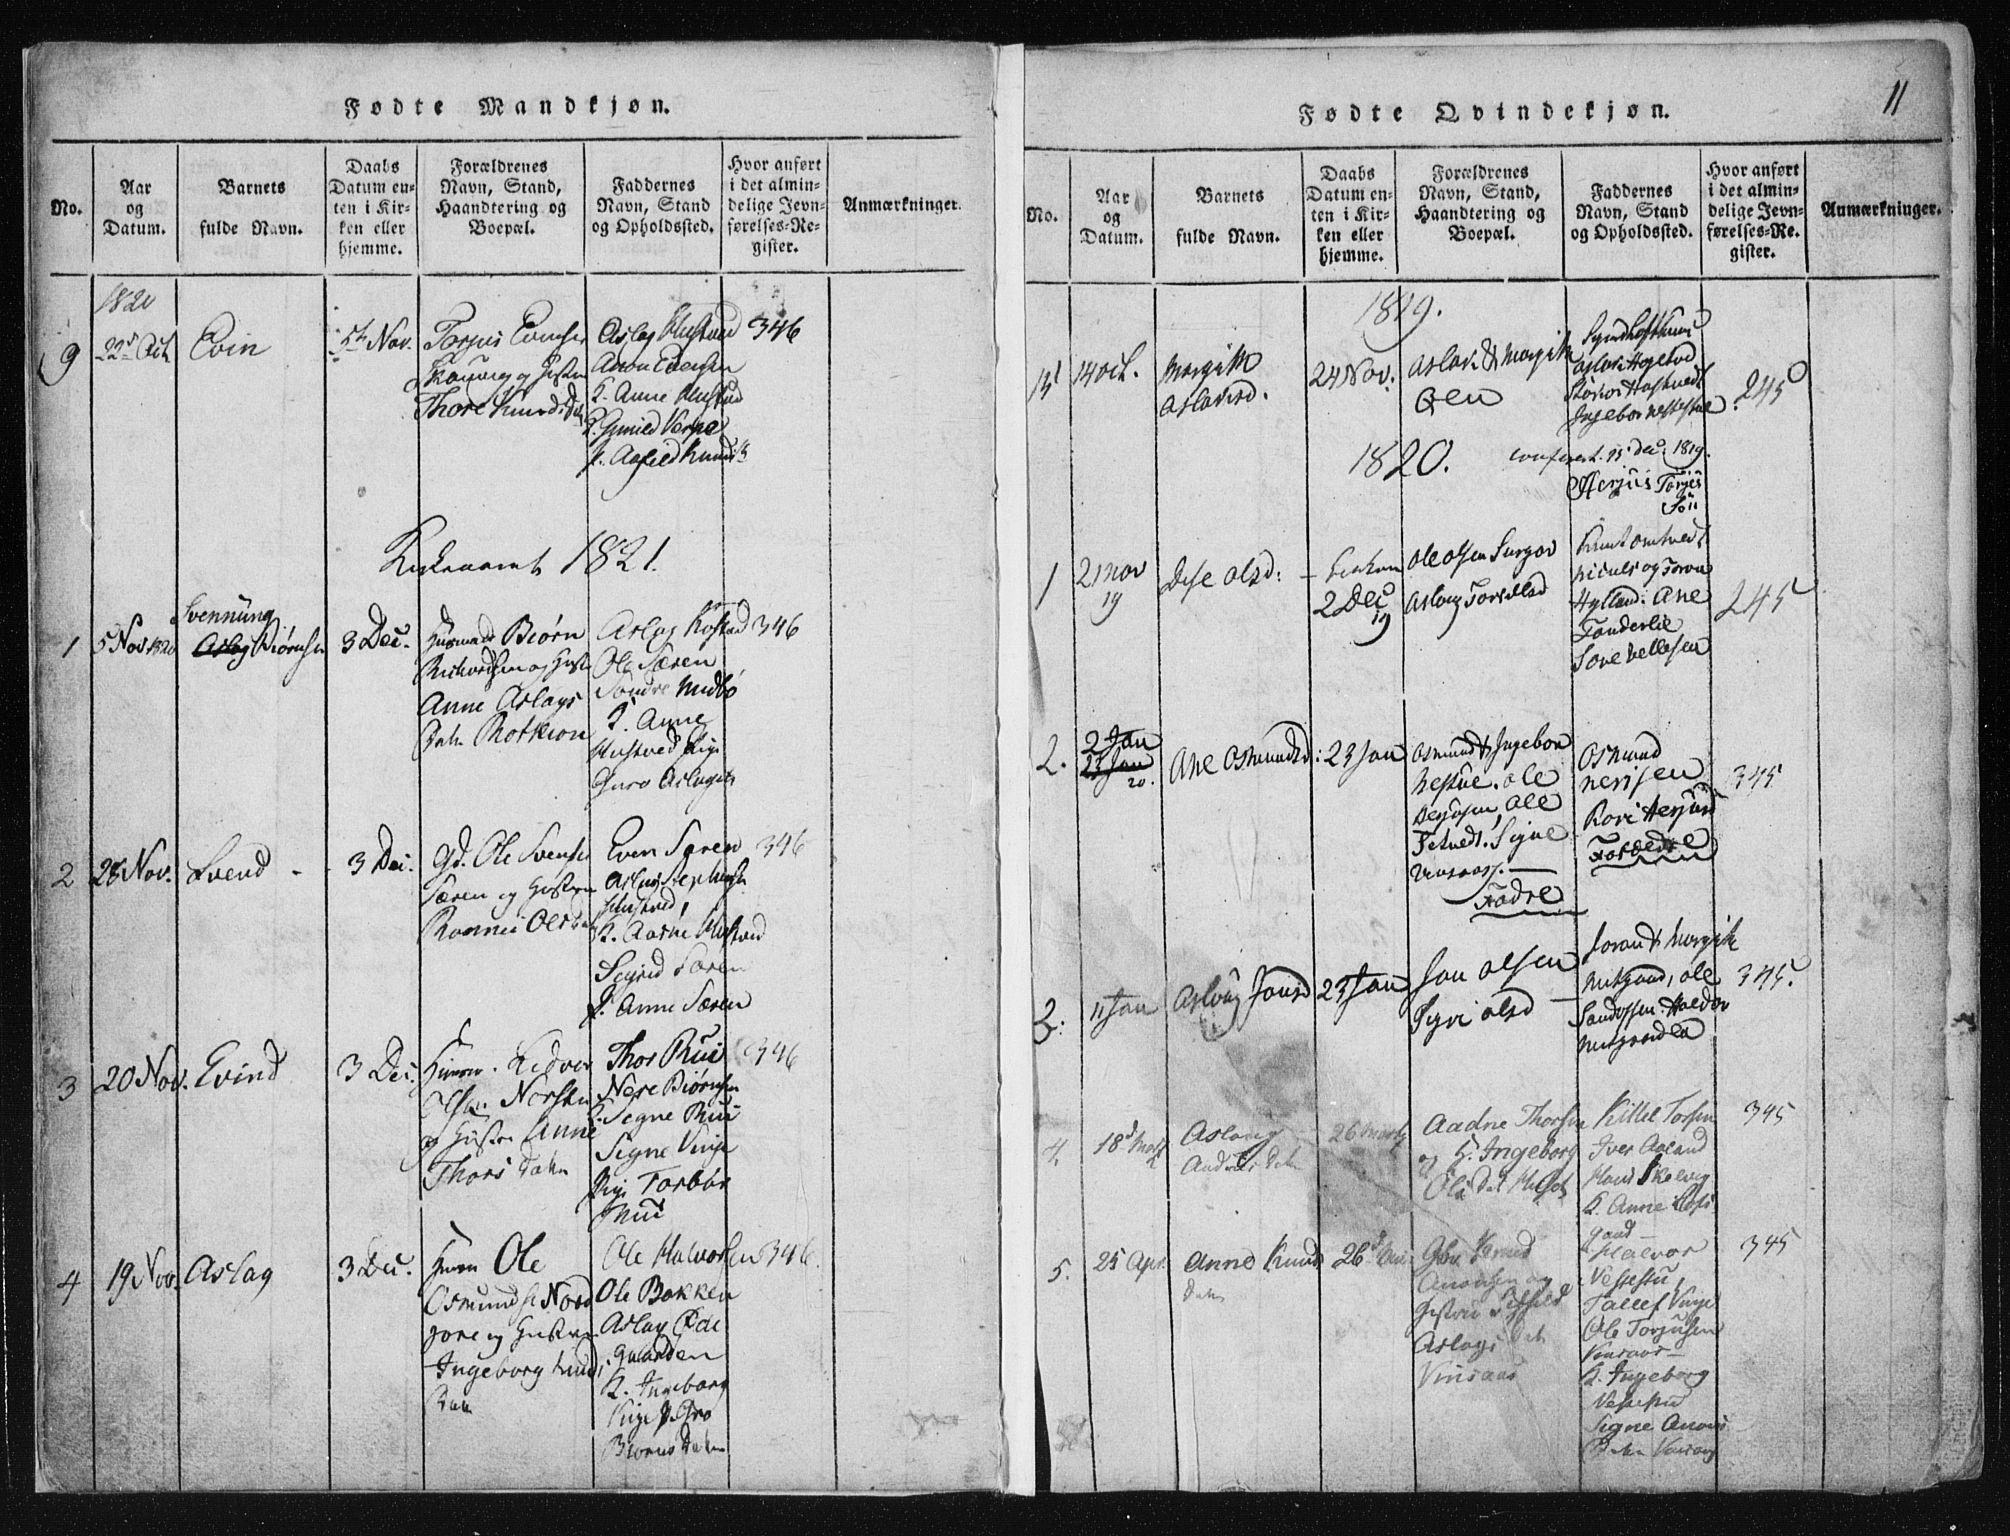 SAKO, Vinje kirkebøker, F/Fa/L0003: Ministerialbok nr. I 3, 1814-1843, s. 11